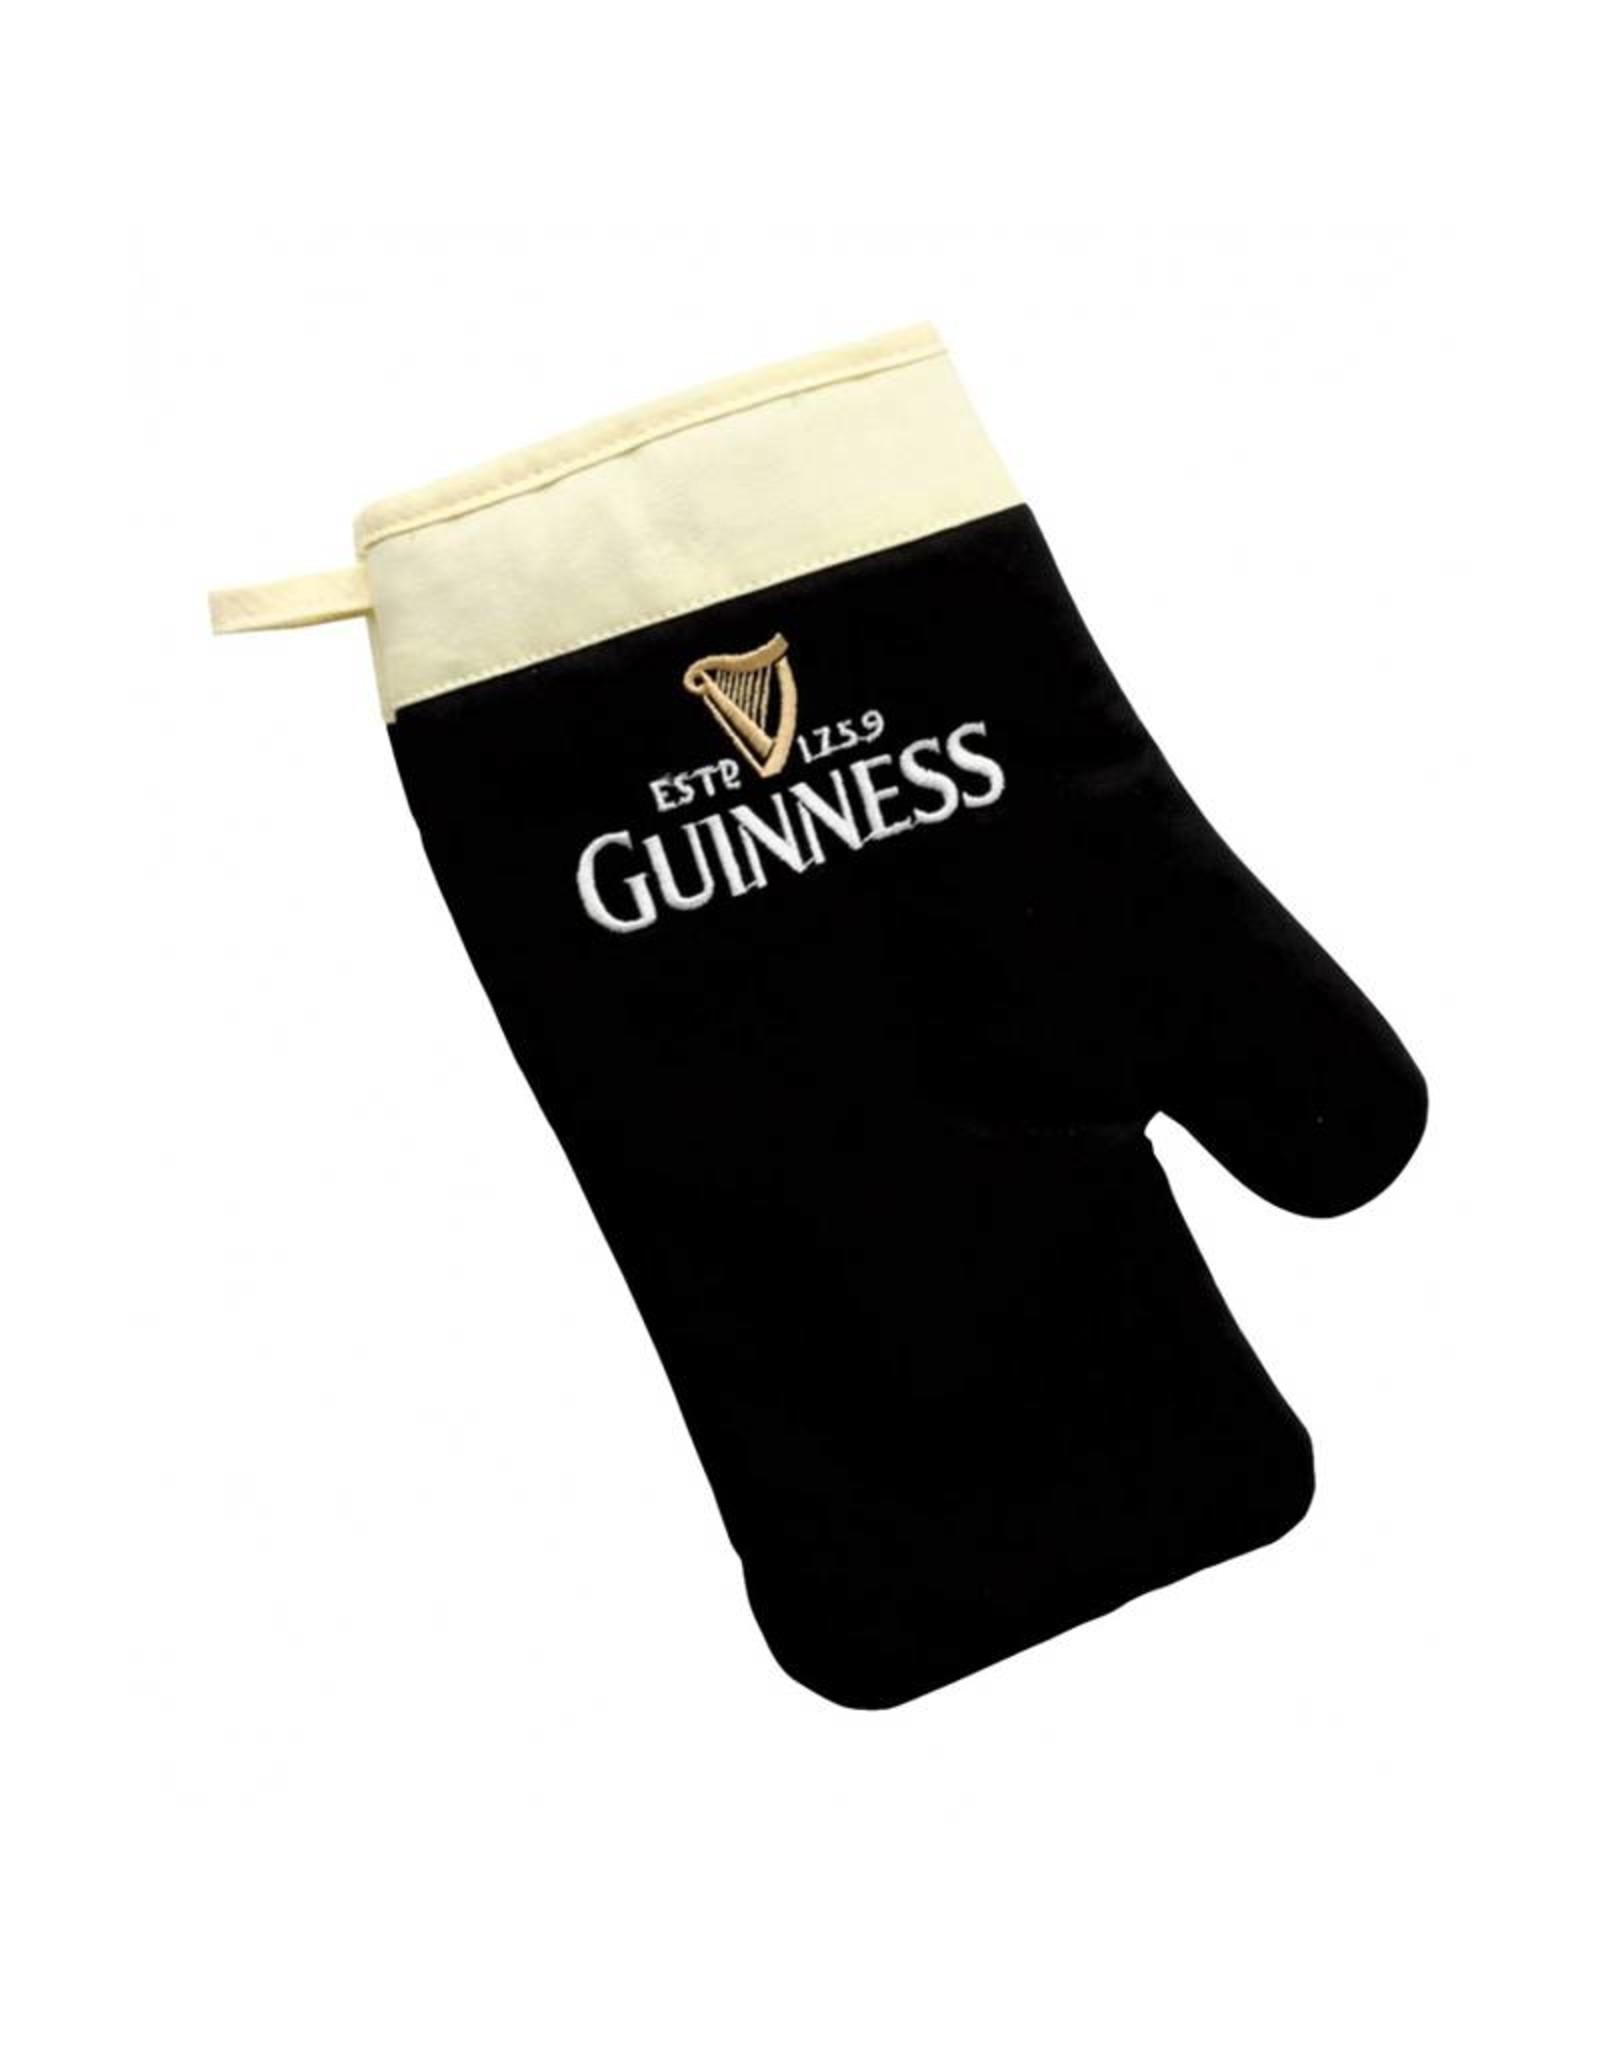 Guinness Guinness Oven Glove